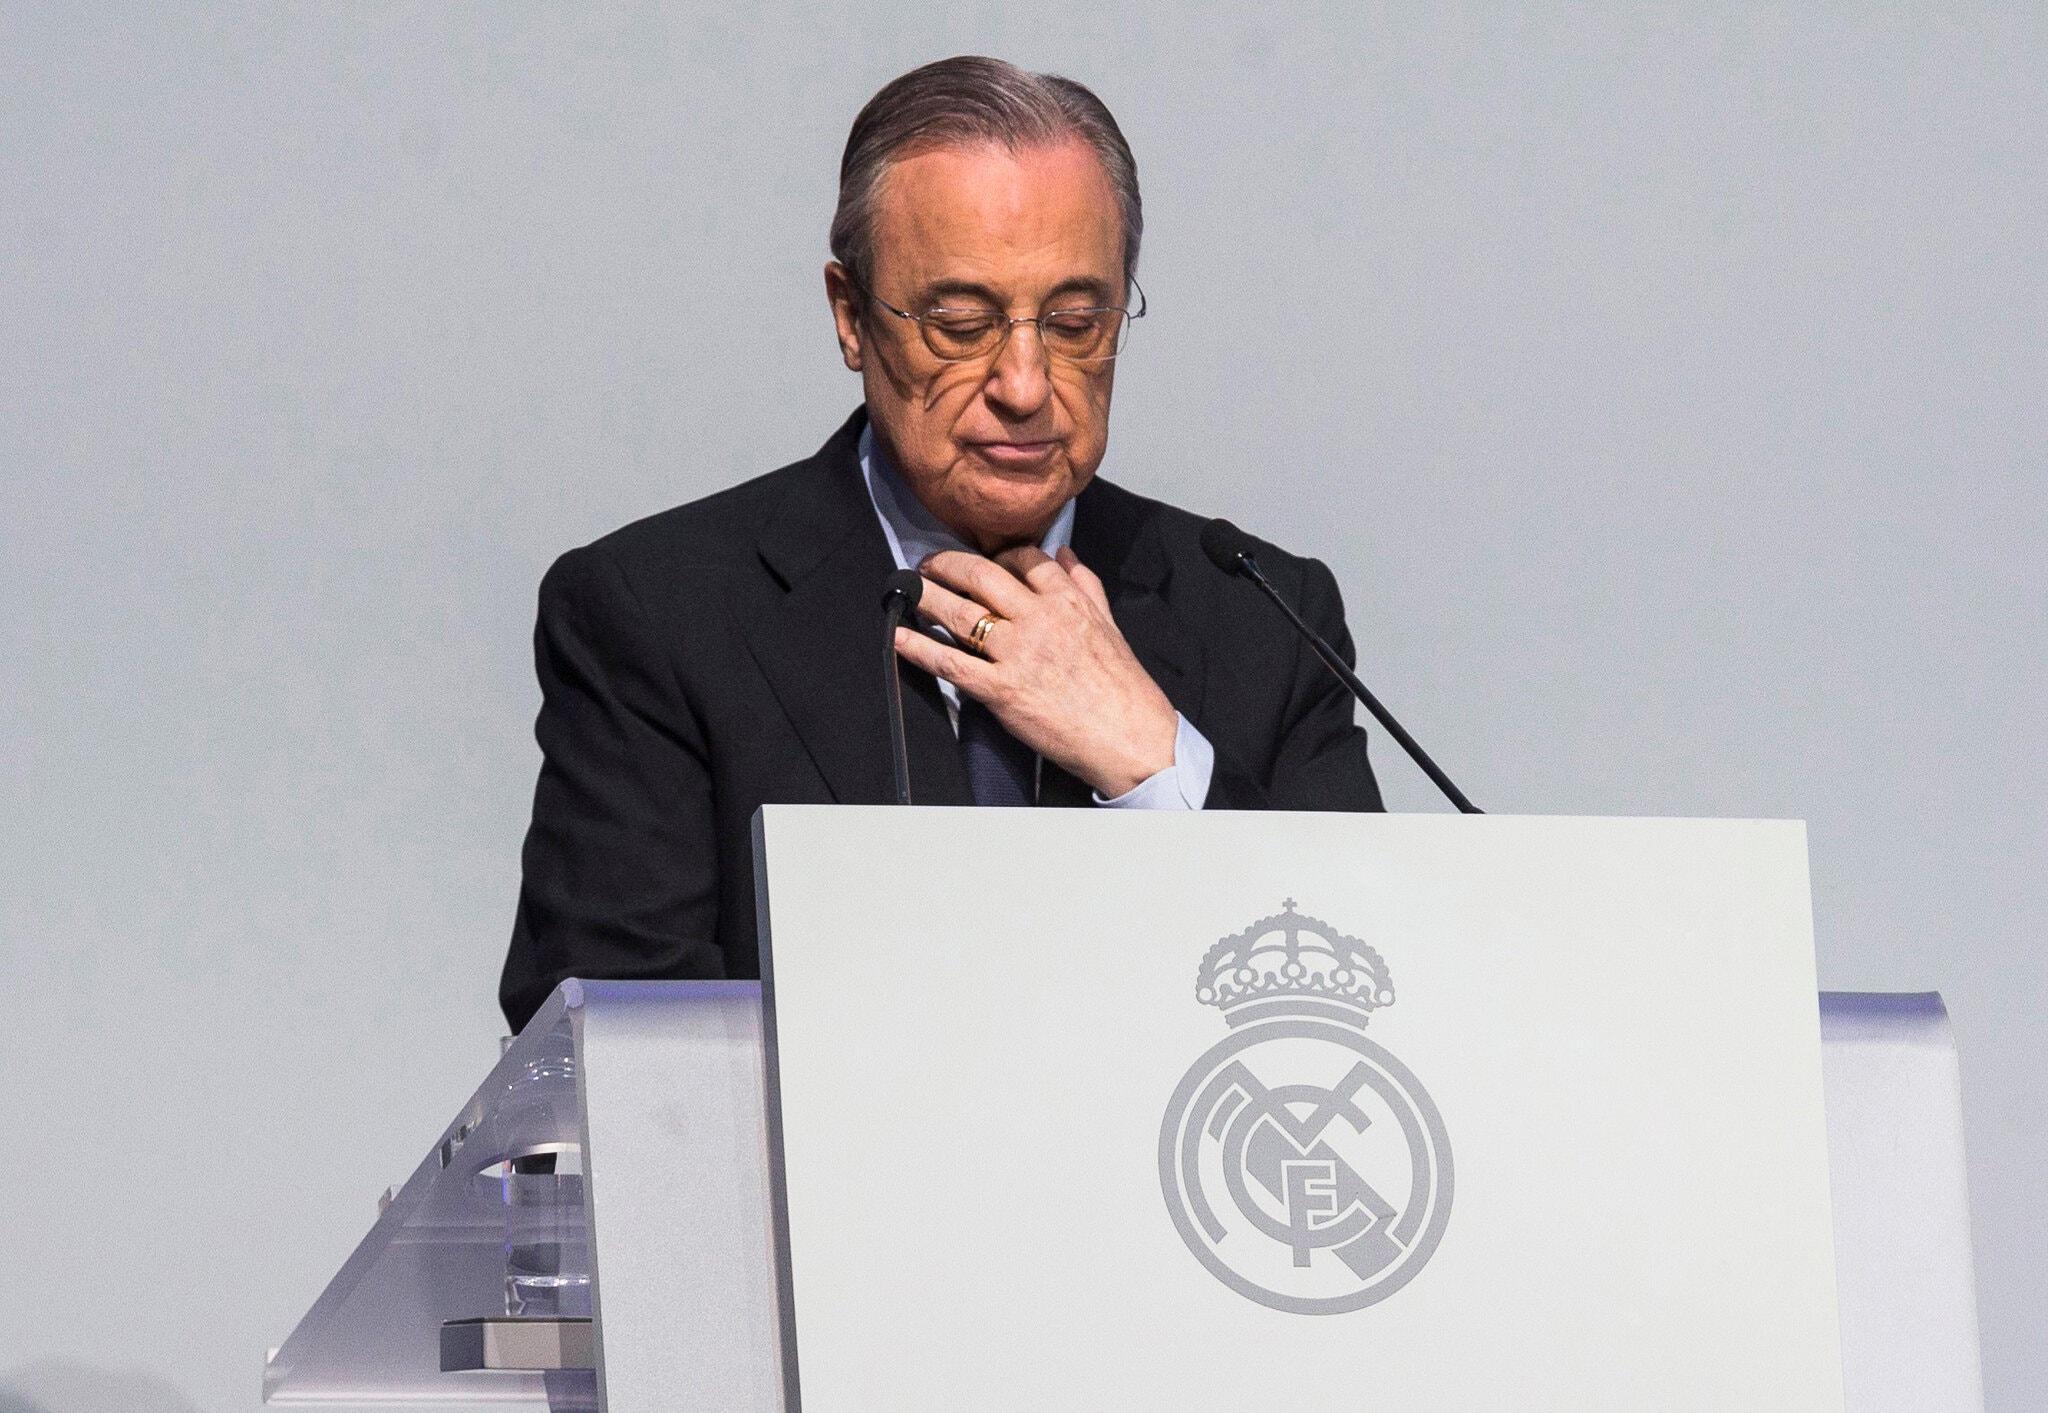 纽约时报:拜仁巴黎向欧足联提供情报对抗欧超联赛